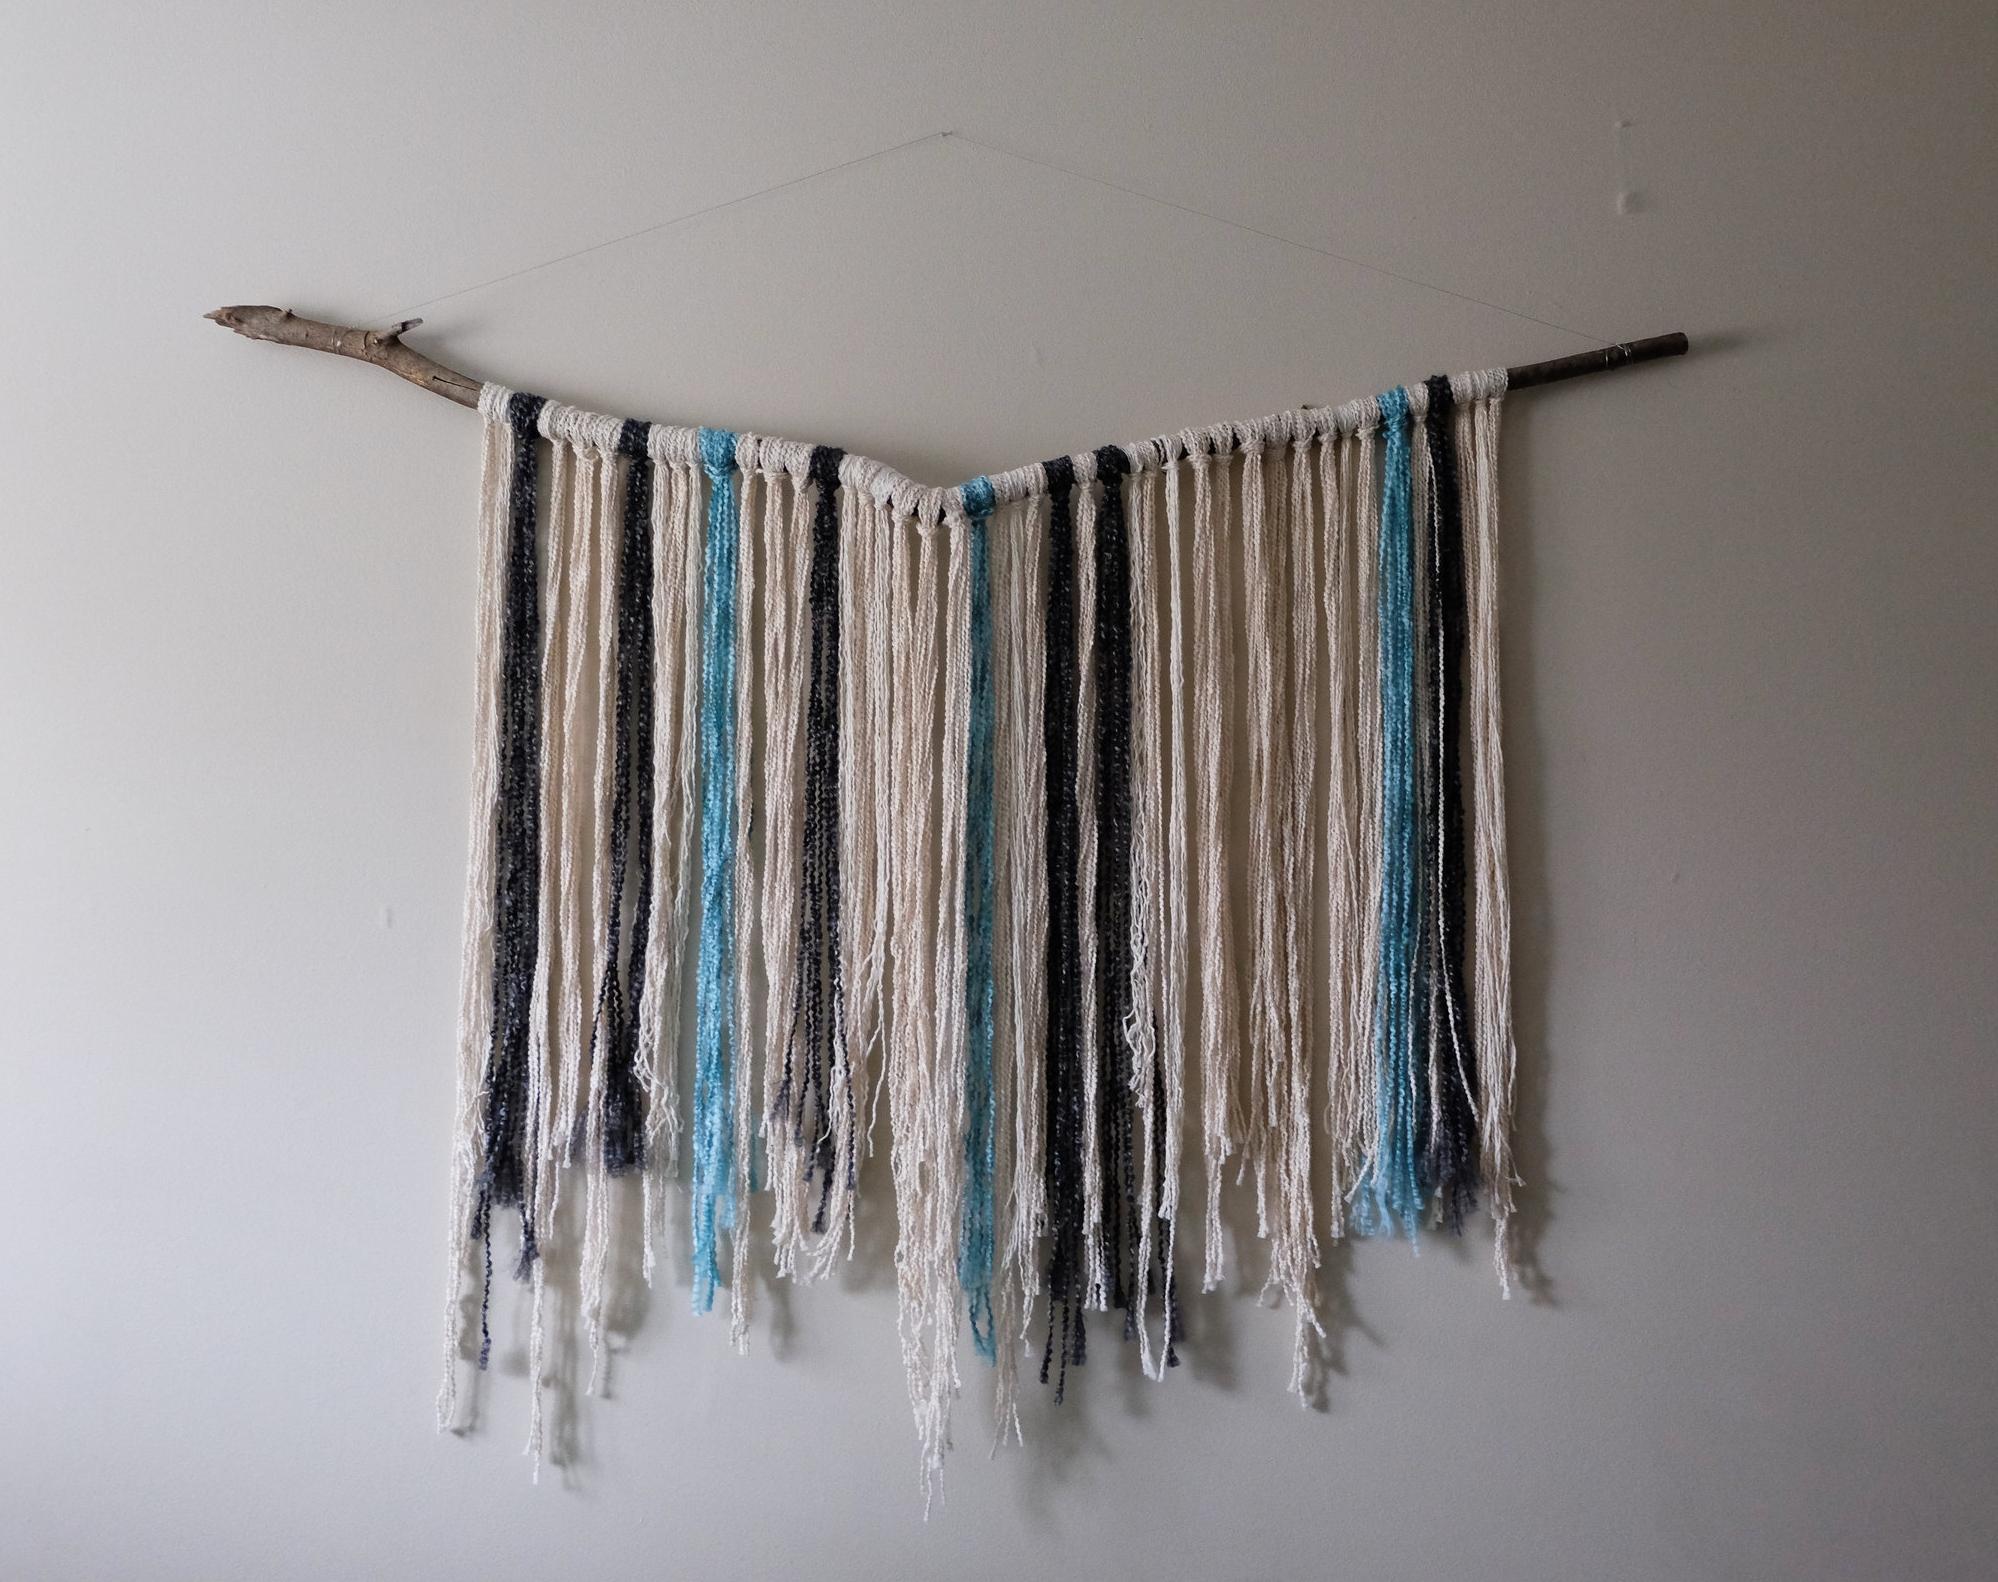 yarn-6076.jpg